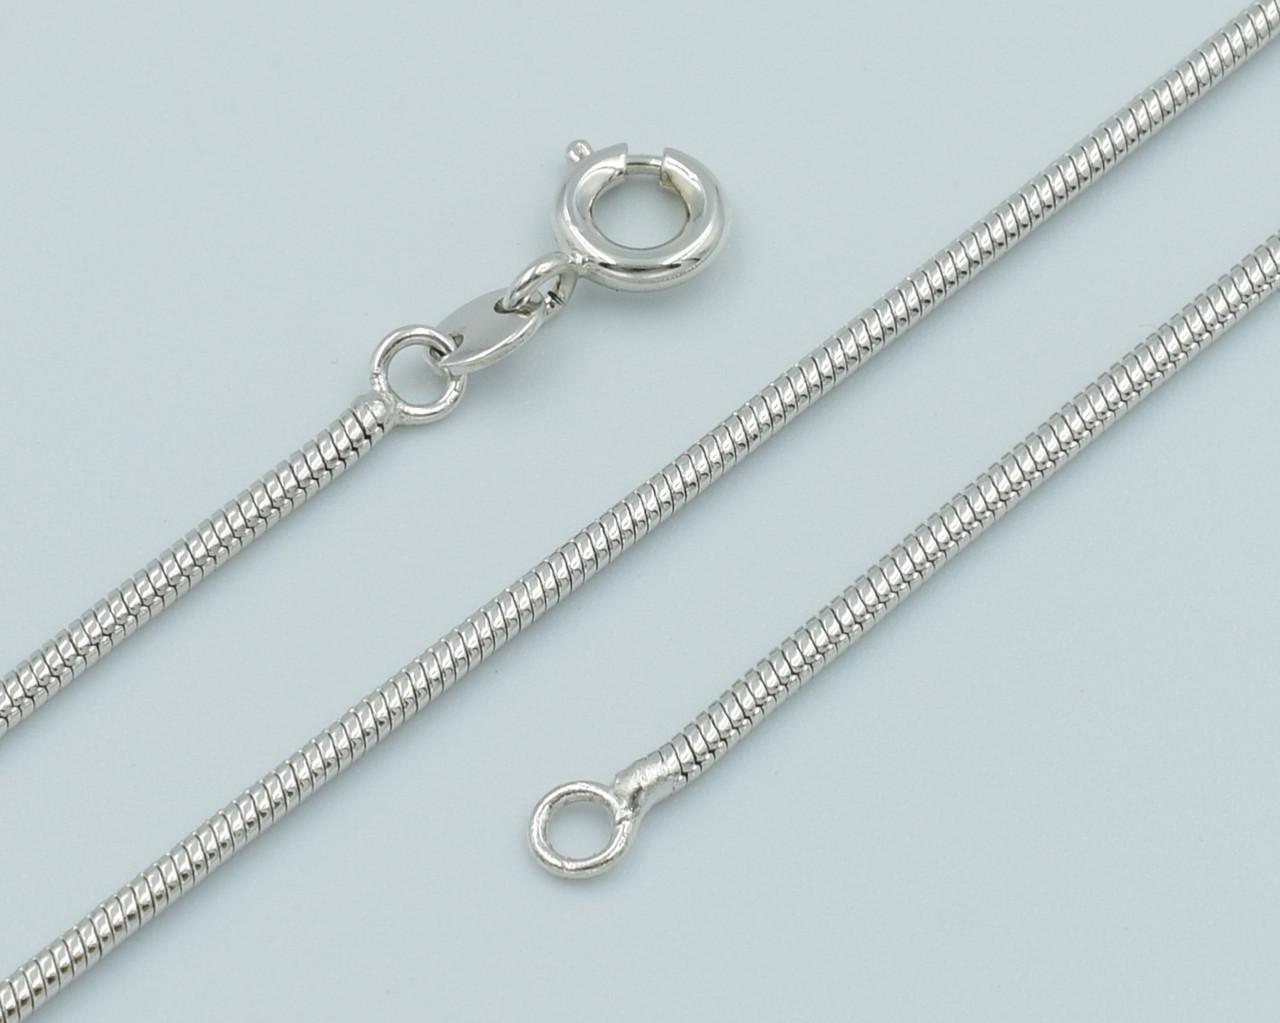 XUPING Цепочка Родий мягкий ювелирный шнур Длина 60см Ширина 1мм